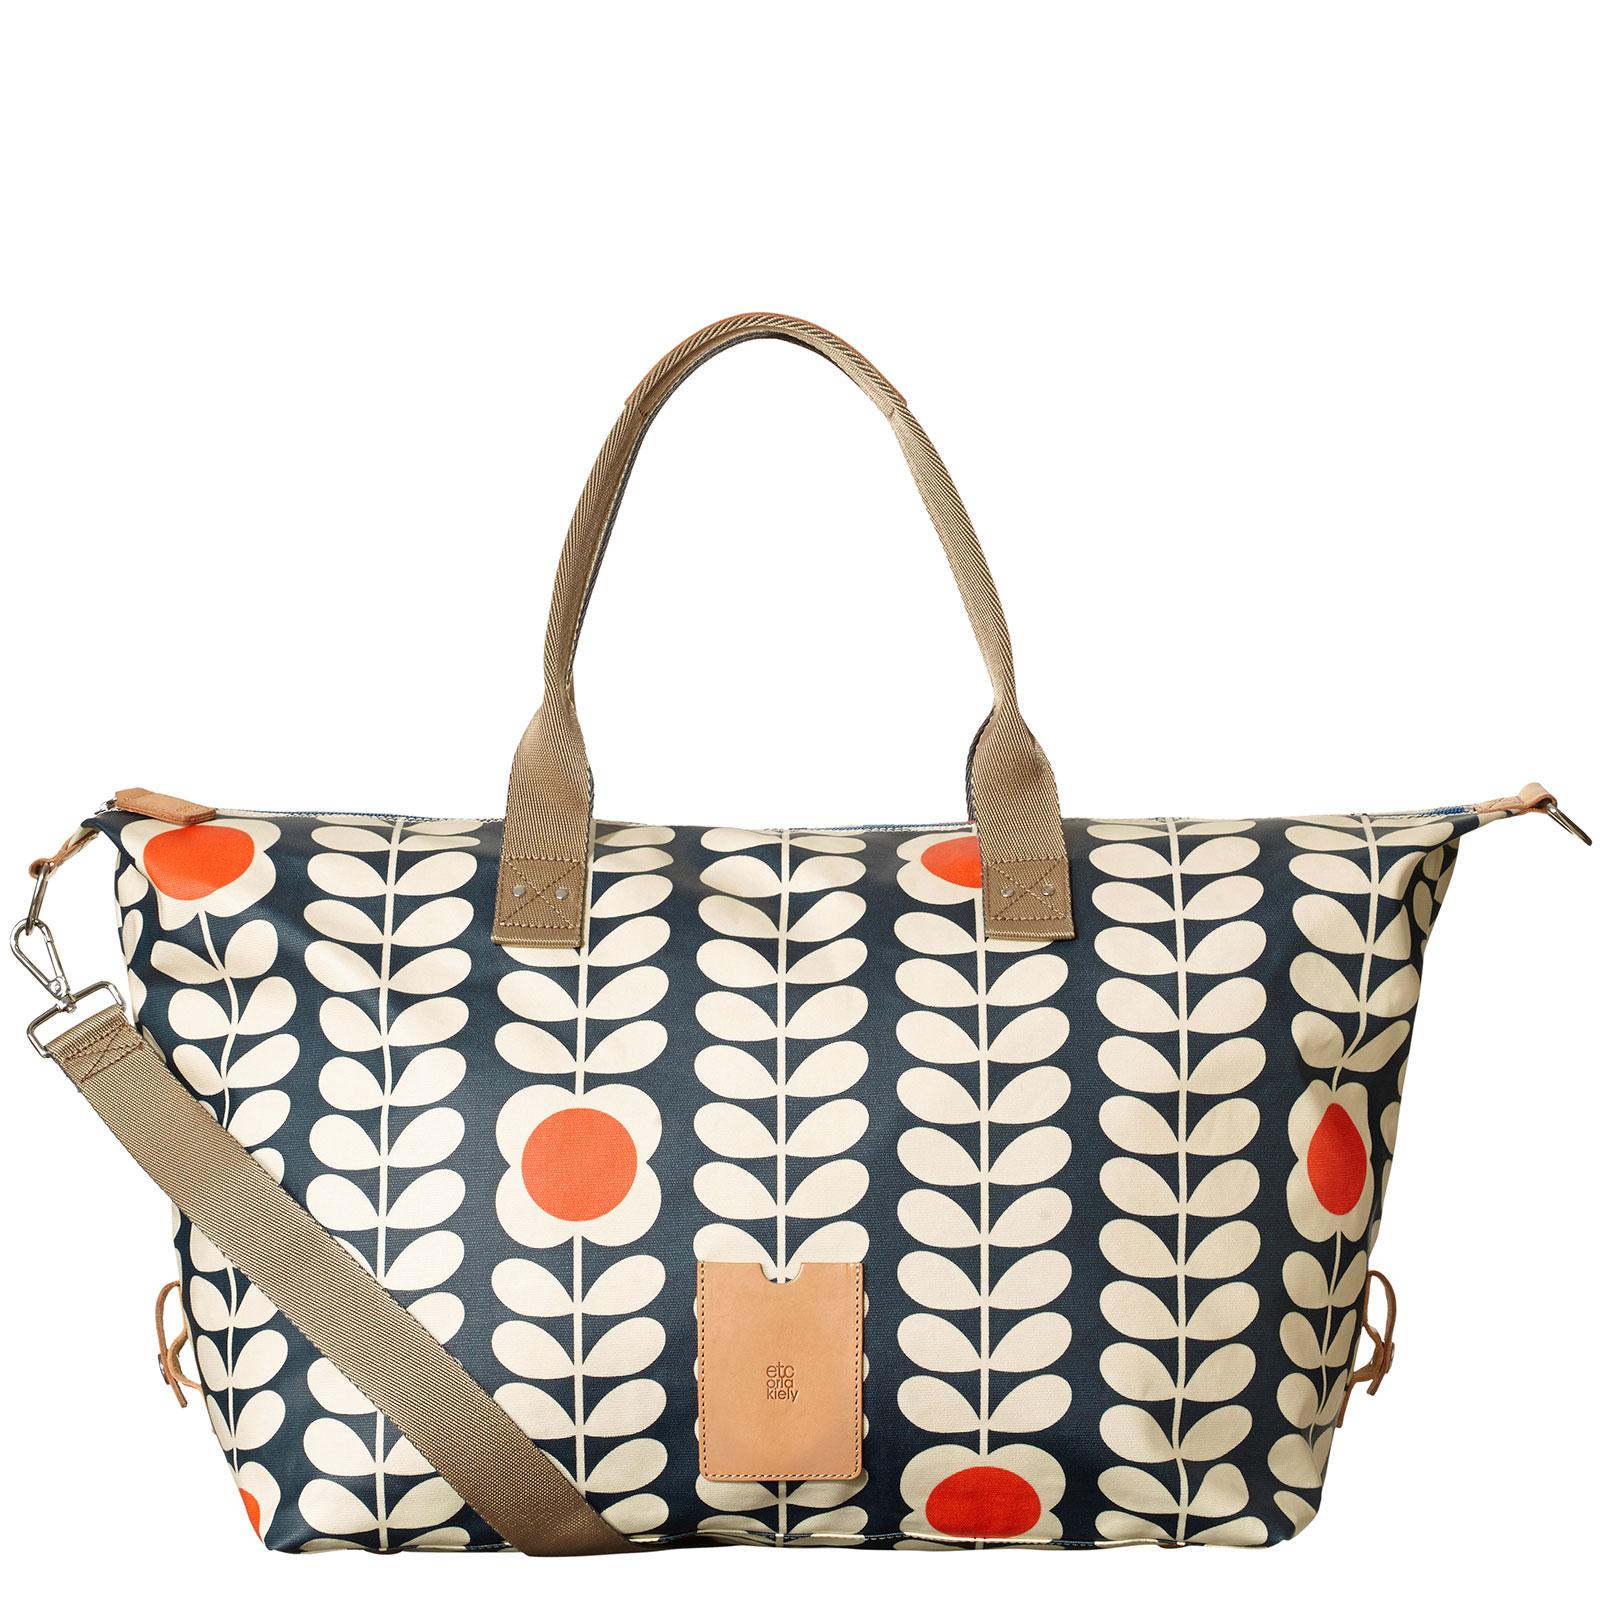 I Love Orla Kiely: Extra 20% off Orla Kiely Bags at Amazon